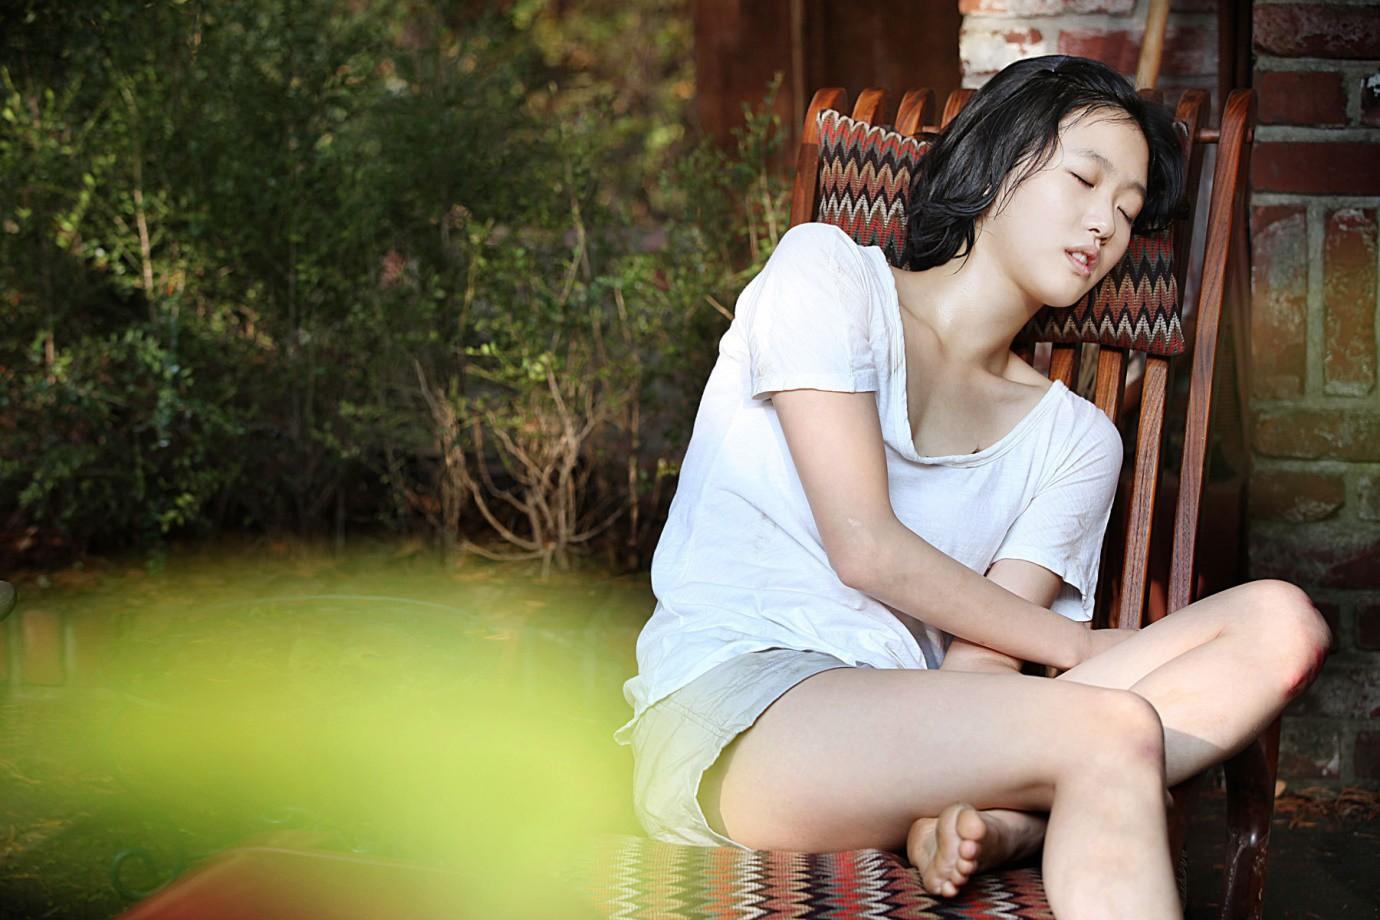 Không sở hữu nhan sắc lộng lẫy, những nữ diễn viên này vẫn đủ sức khuynh đảo điện ảnh xứ Hàn - Ảnh 5.